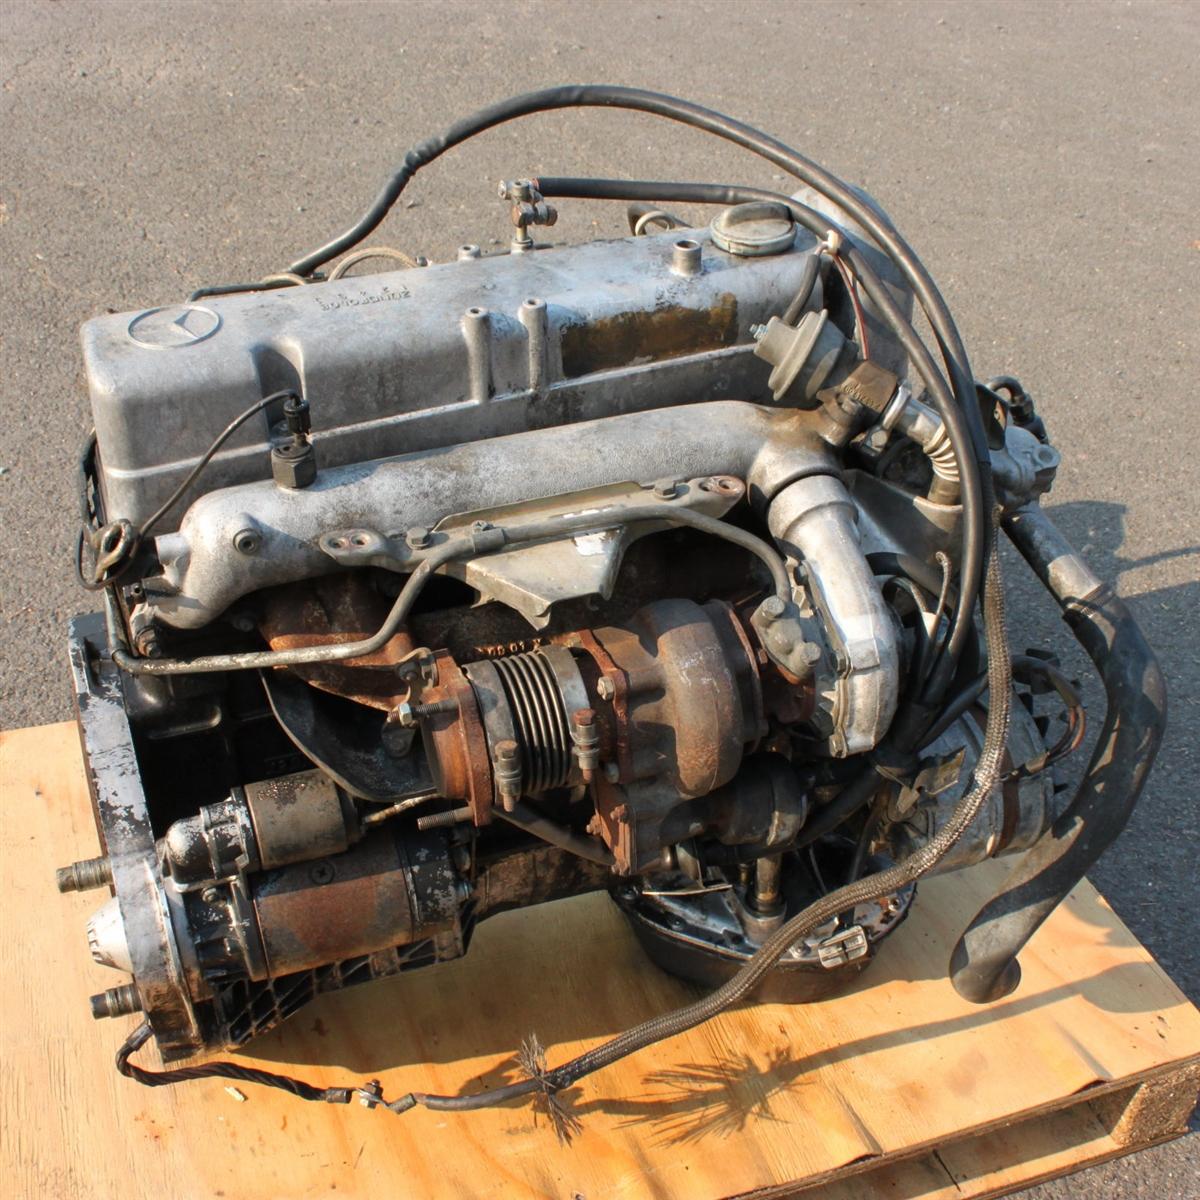 OM617 Turbo-Diesel Motor, Runs Great!